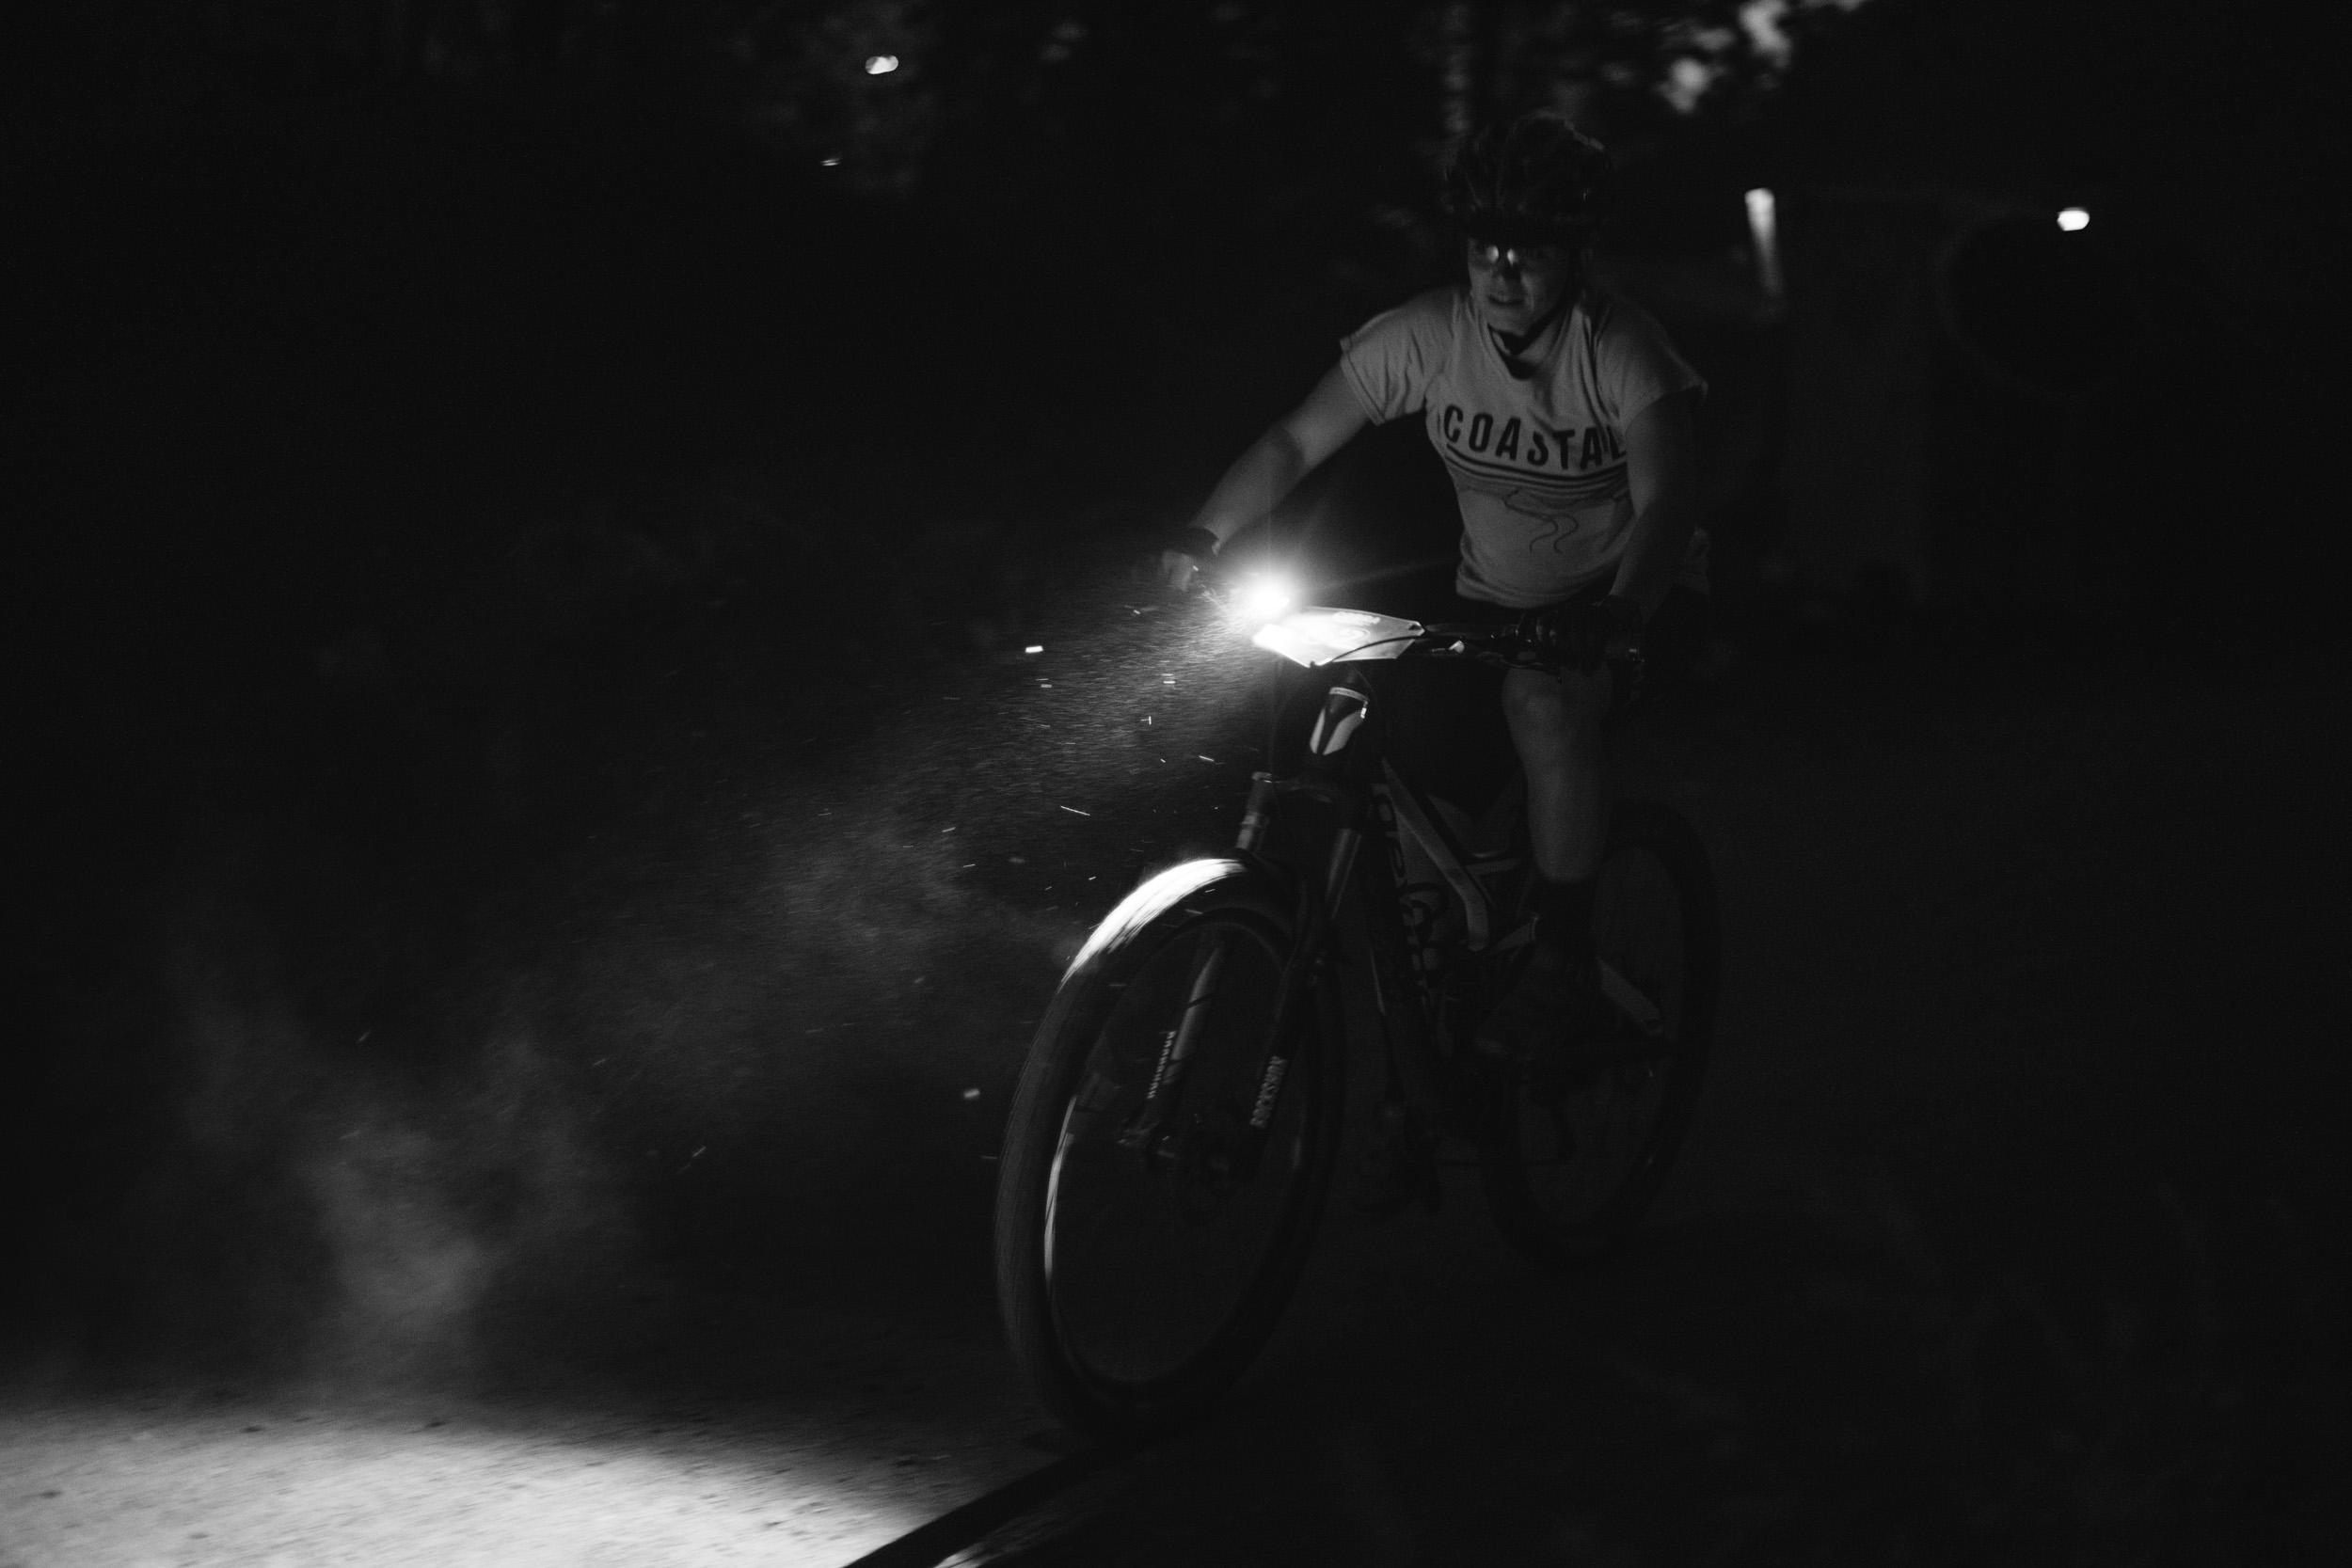 COBRA_Racing_Gateway_Miguel_BW_13.jpg